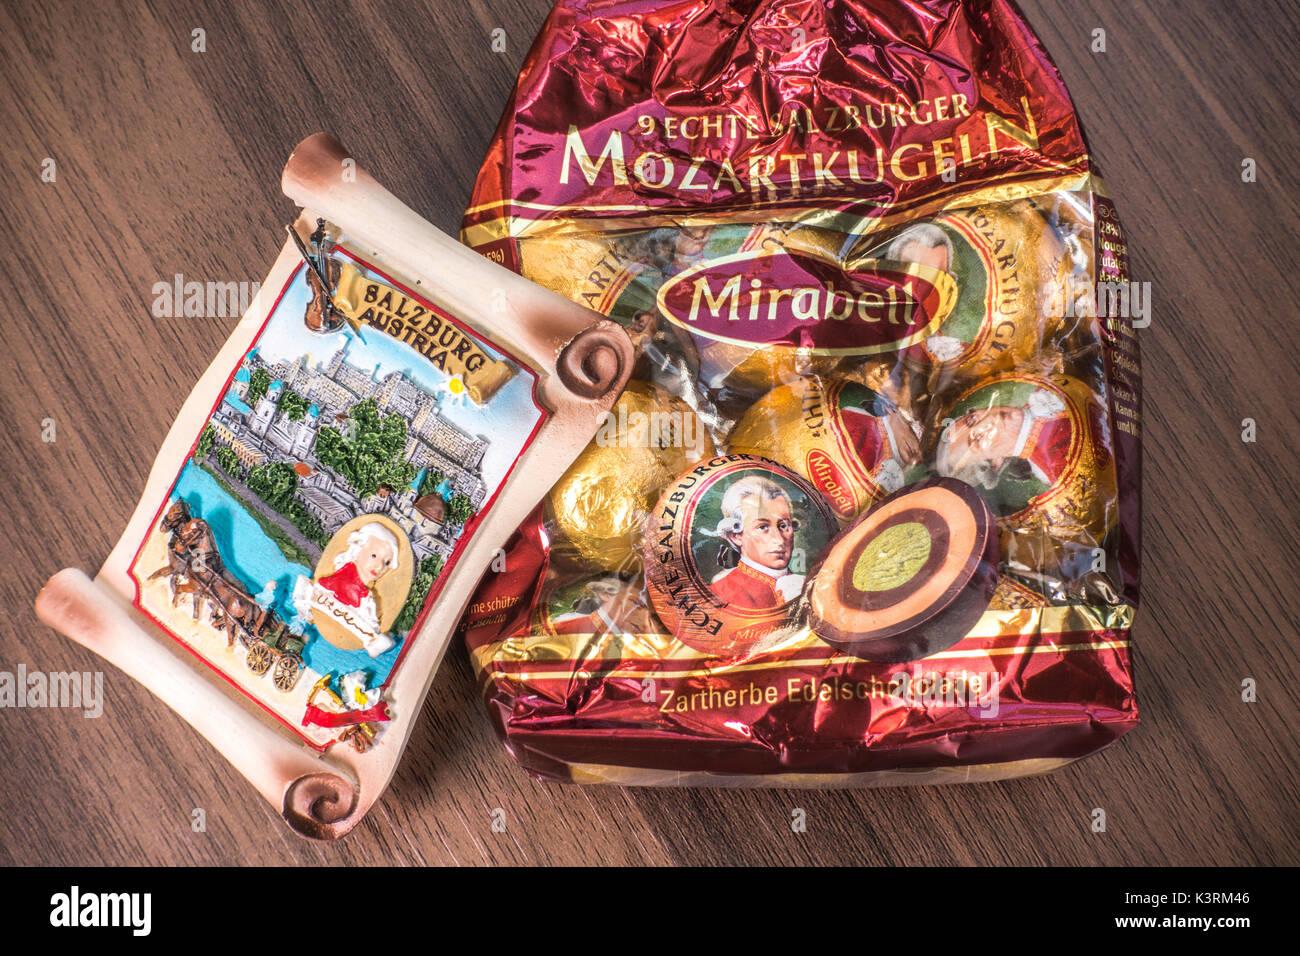 Un souvenir de Salzbourg avec un pack de Mirabell Mozartkugen - boules chocolat Mozart produite dans l'esprit de la recette originale à Salzbourg. Photo Stock